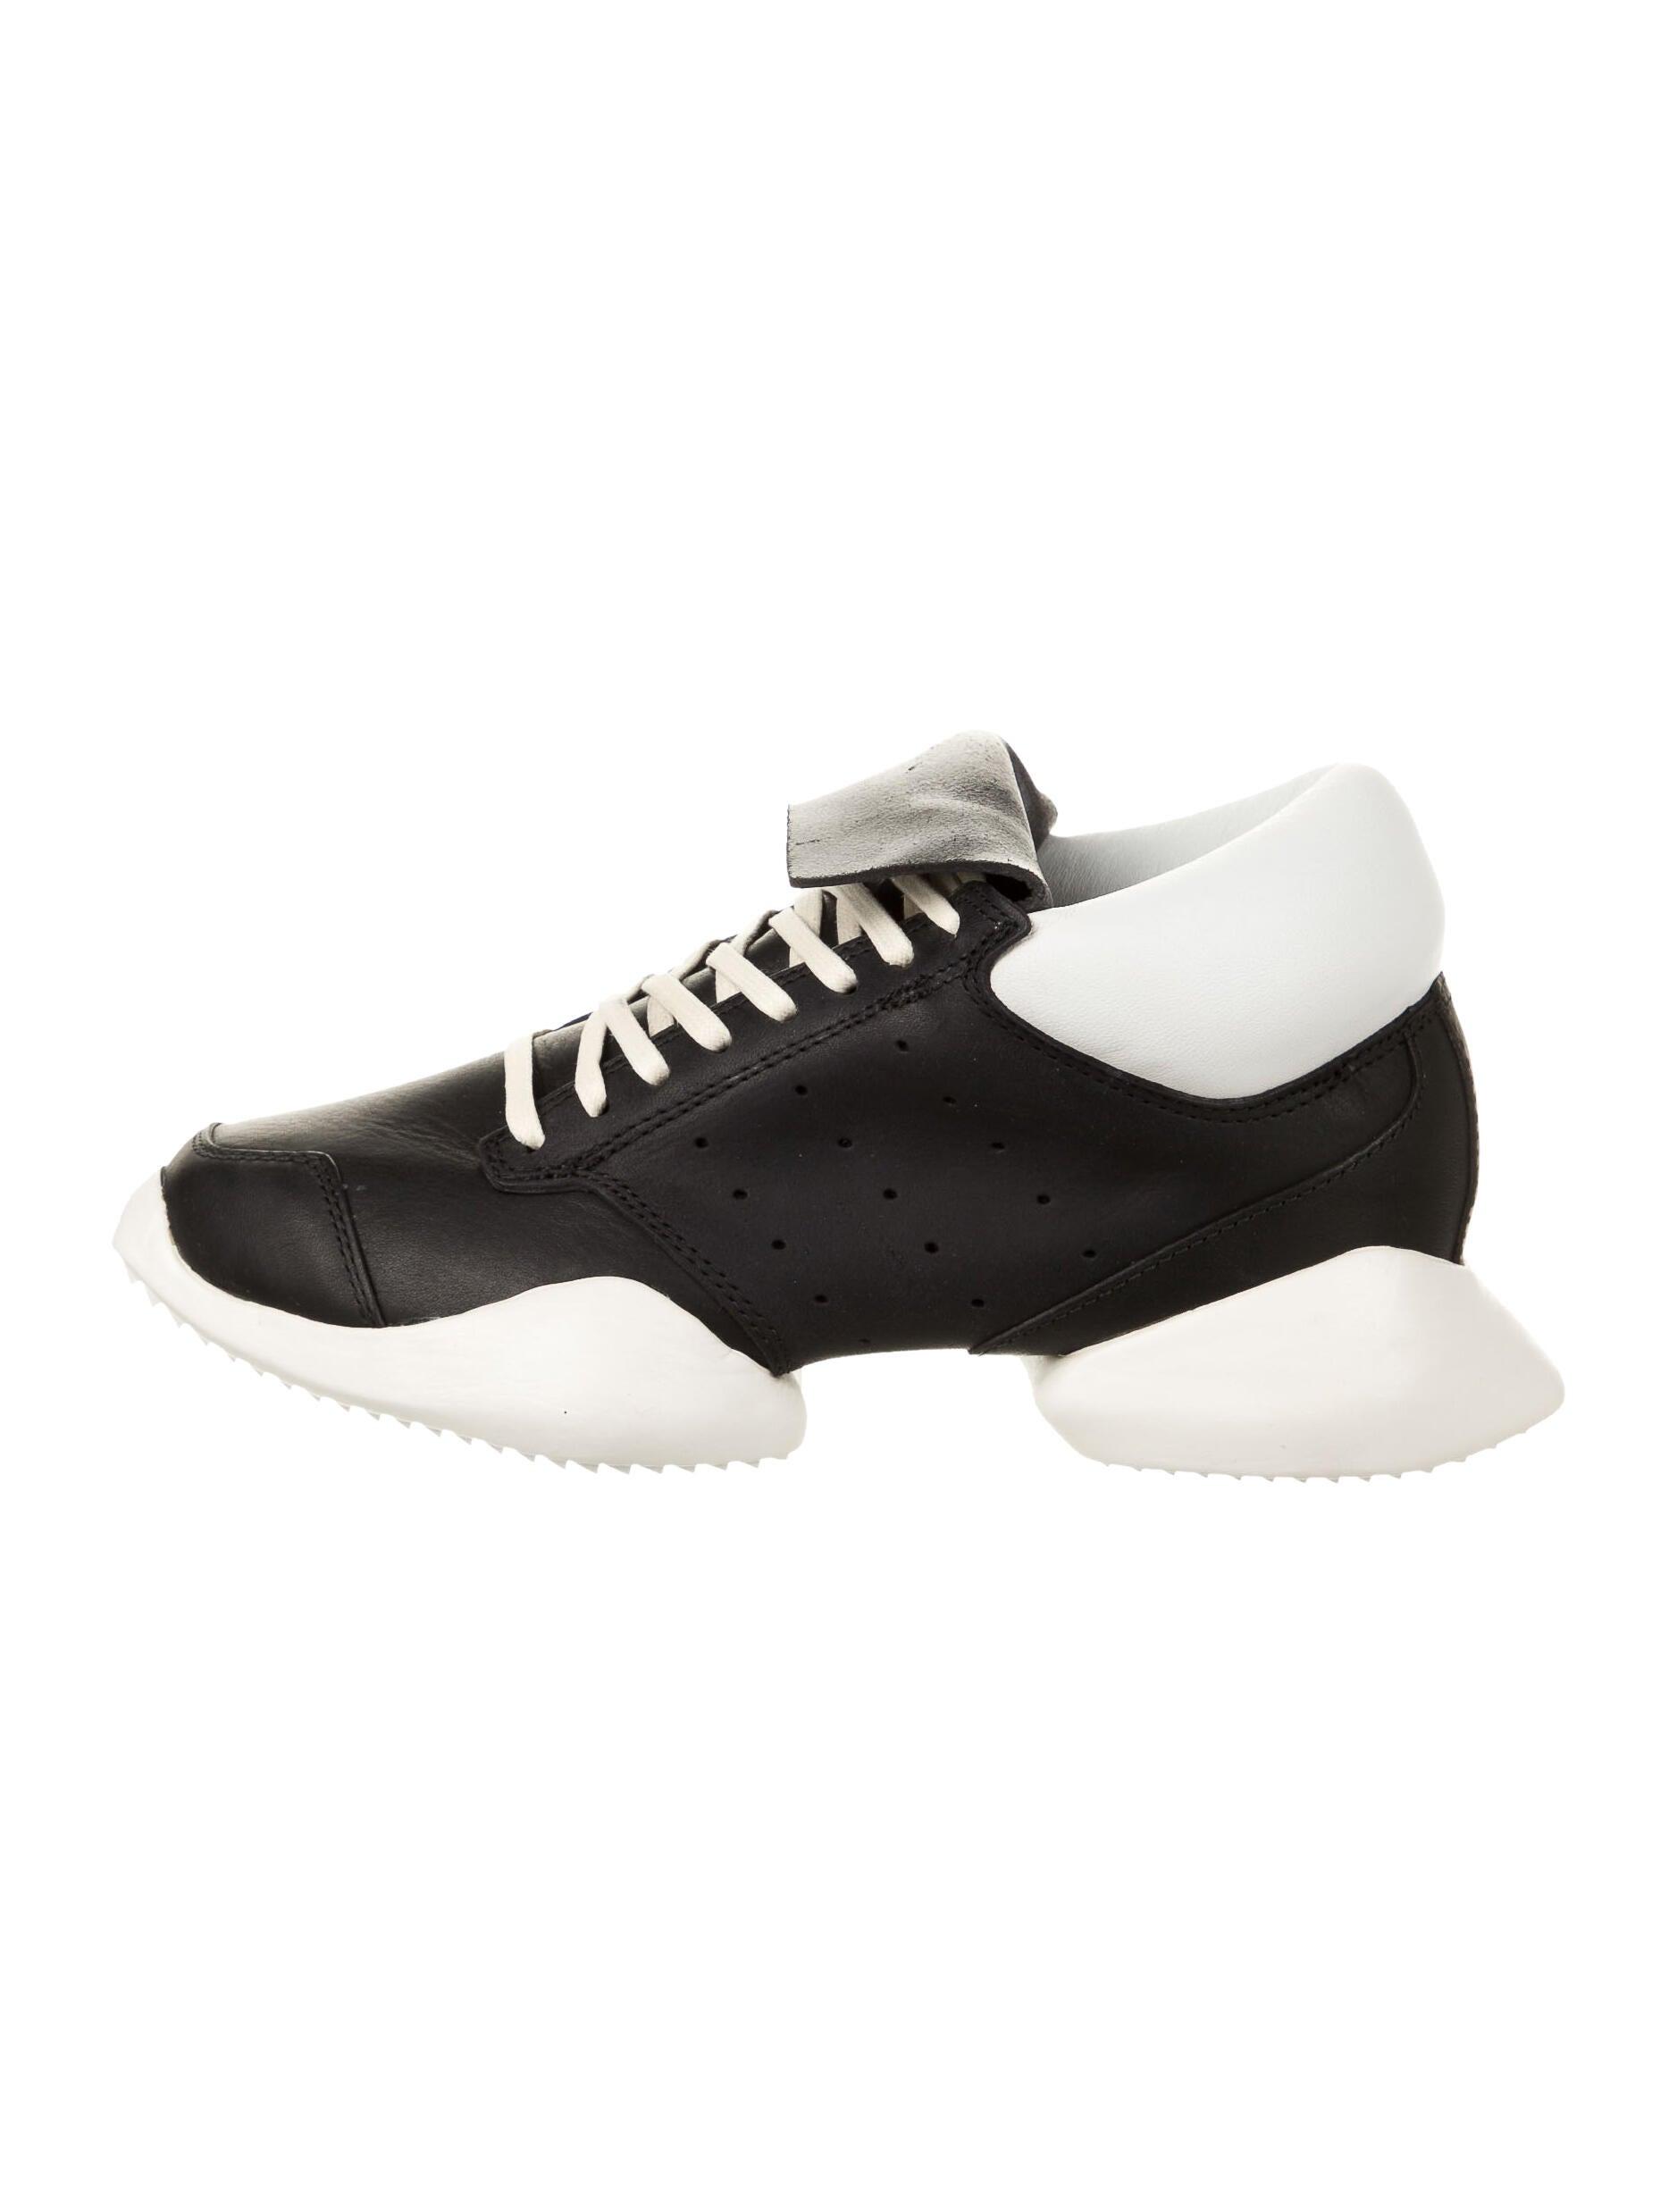 Rick Owens x Adidas Tech Runner